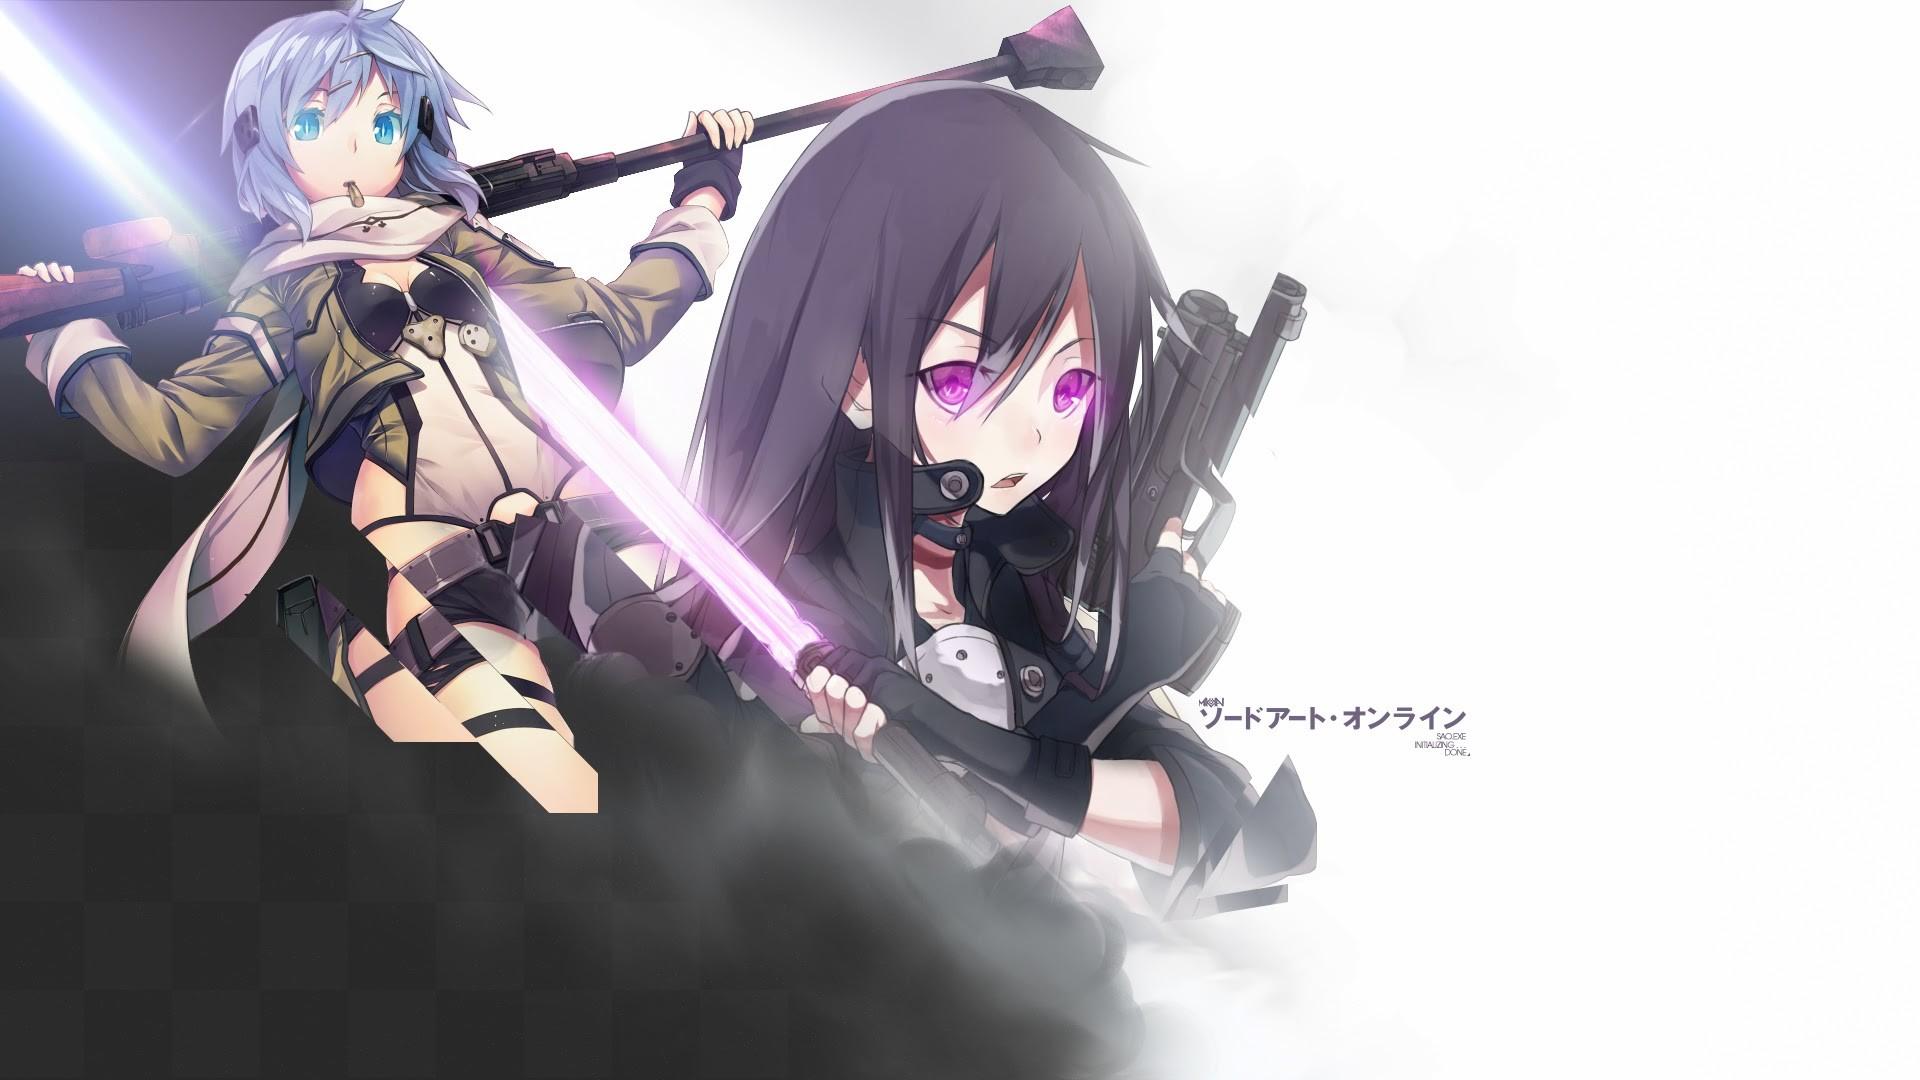 Gun Gale Online Sinon and Kirito – Sword Art Online Wallpaper